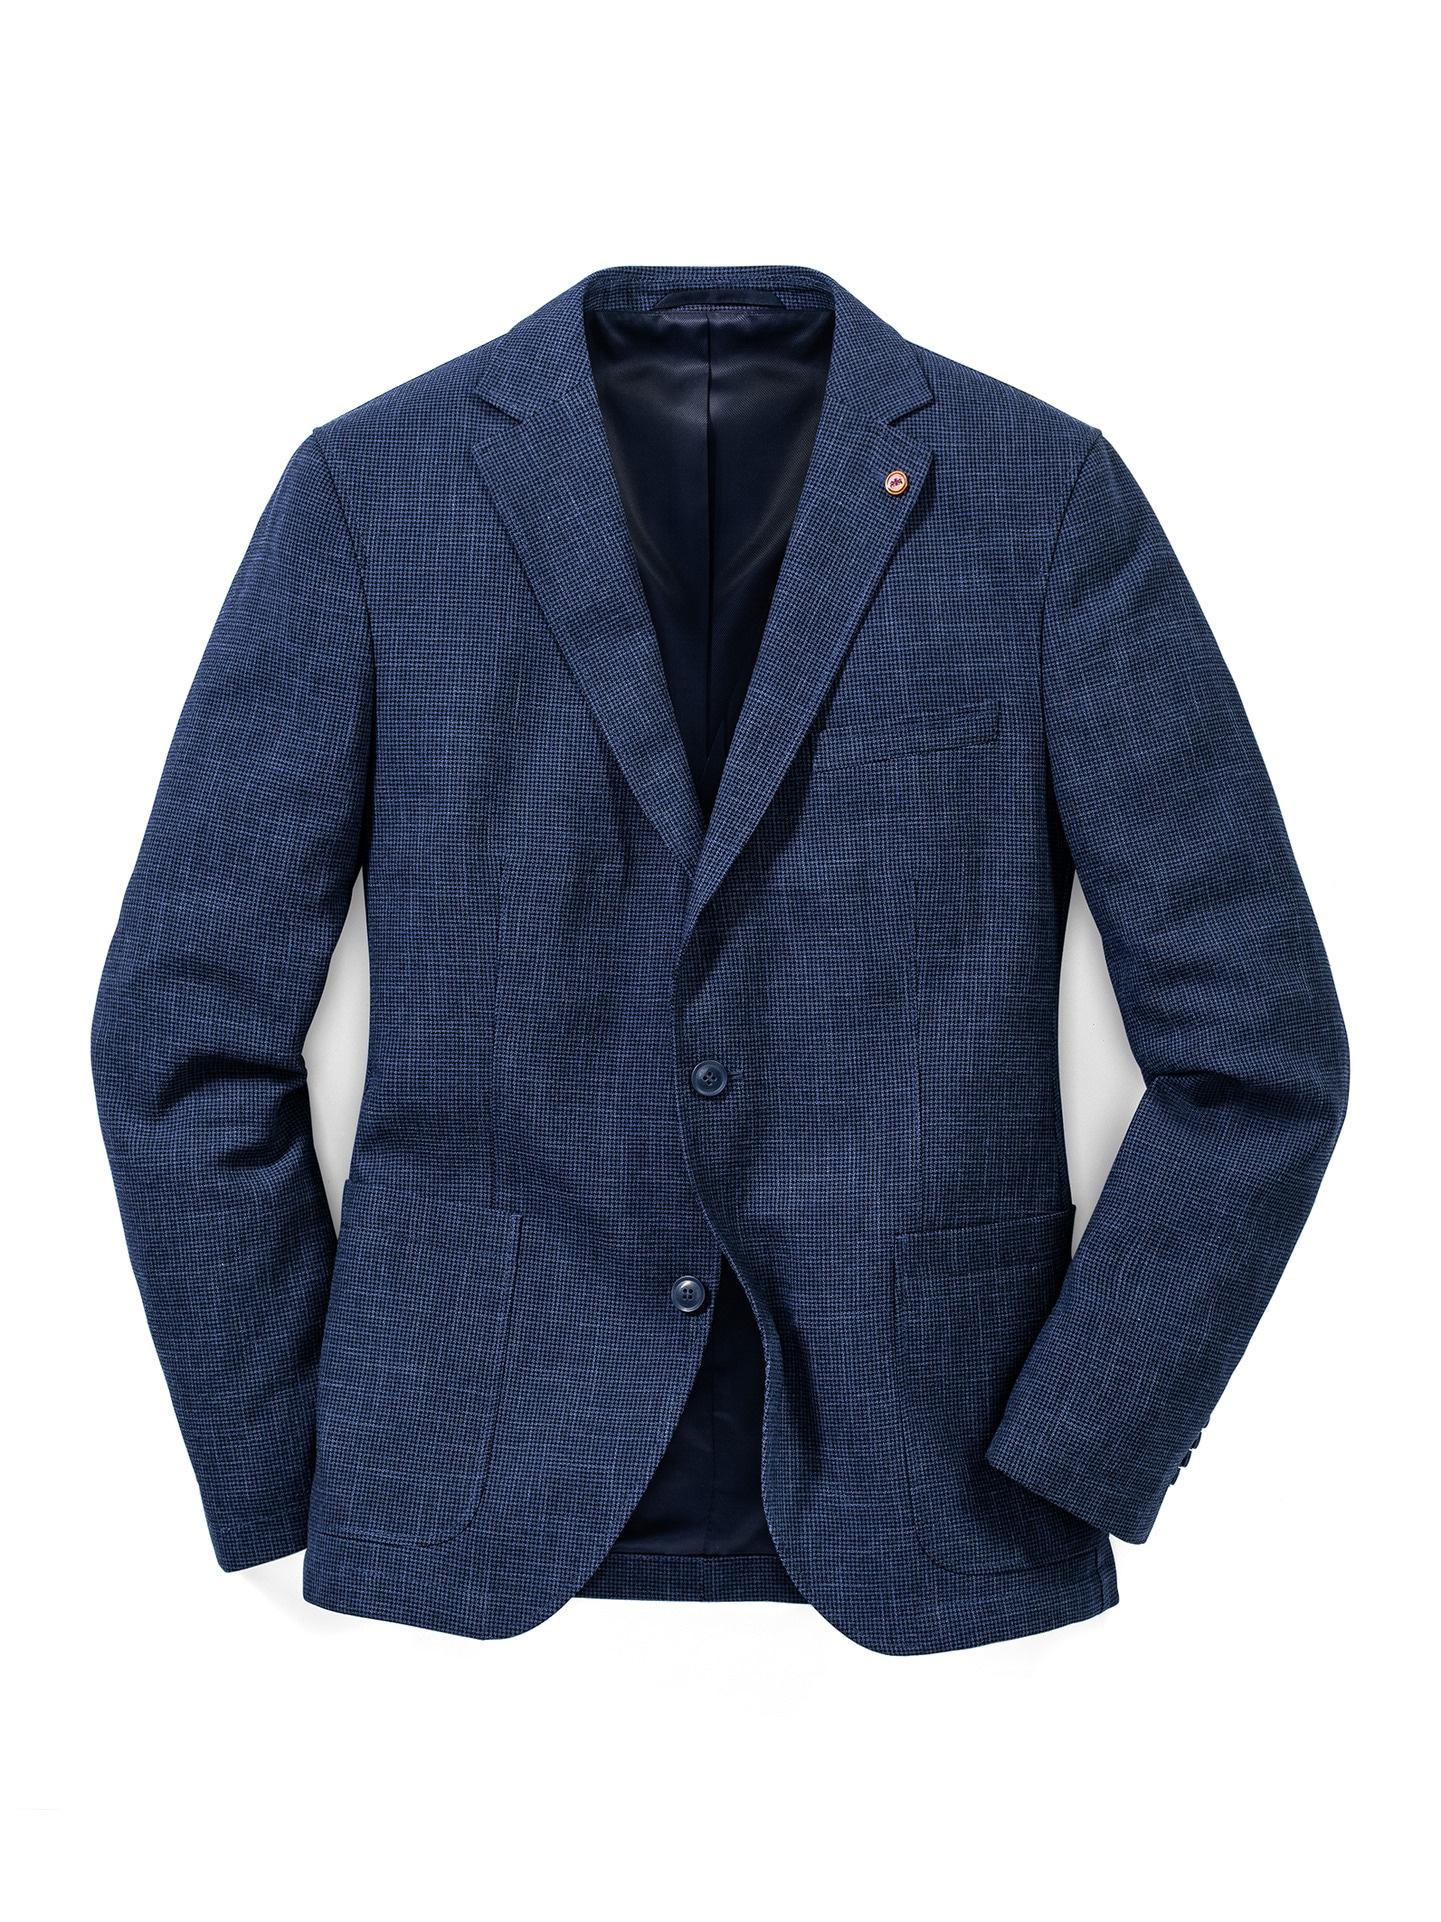 Walbusch Herren Sakko wash and wear gemustert Jeansblau 24, 25, 26, 27, 28, 29, 48, 50, 52, 54, 56, 58 24-3473-9